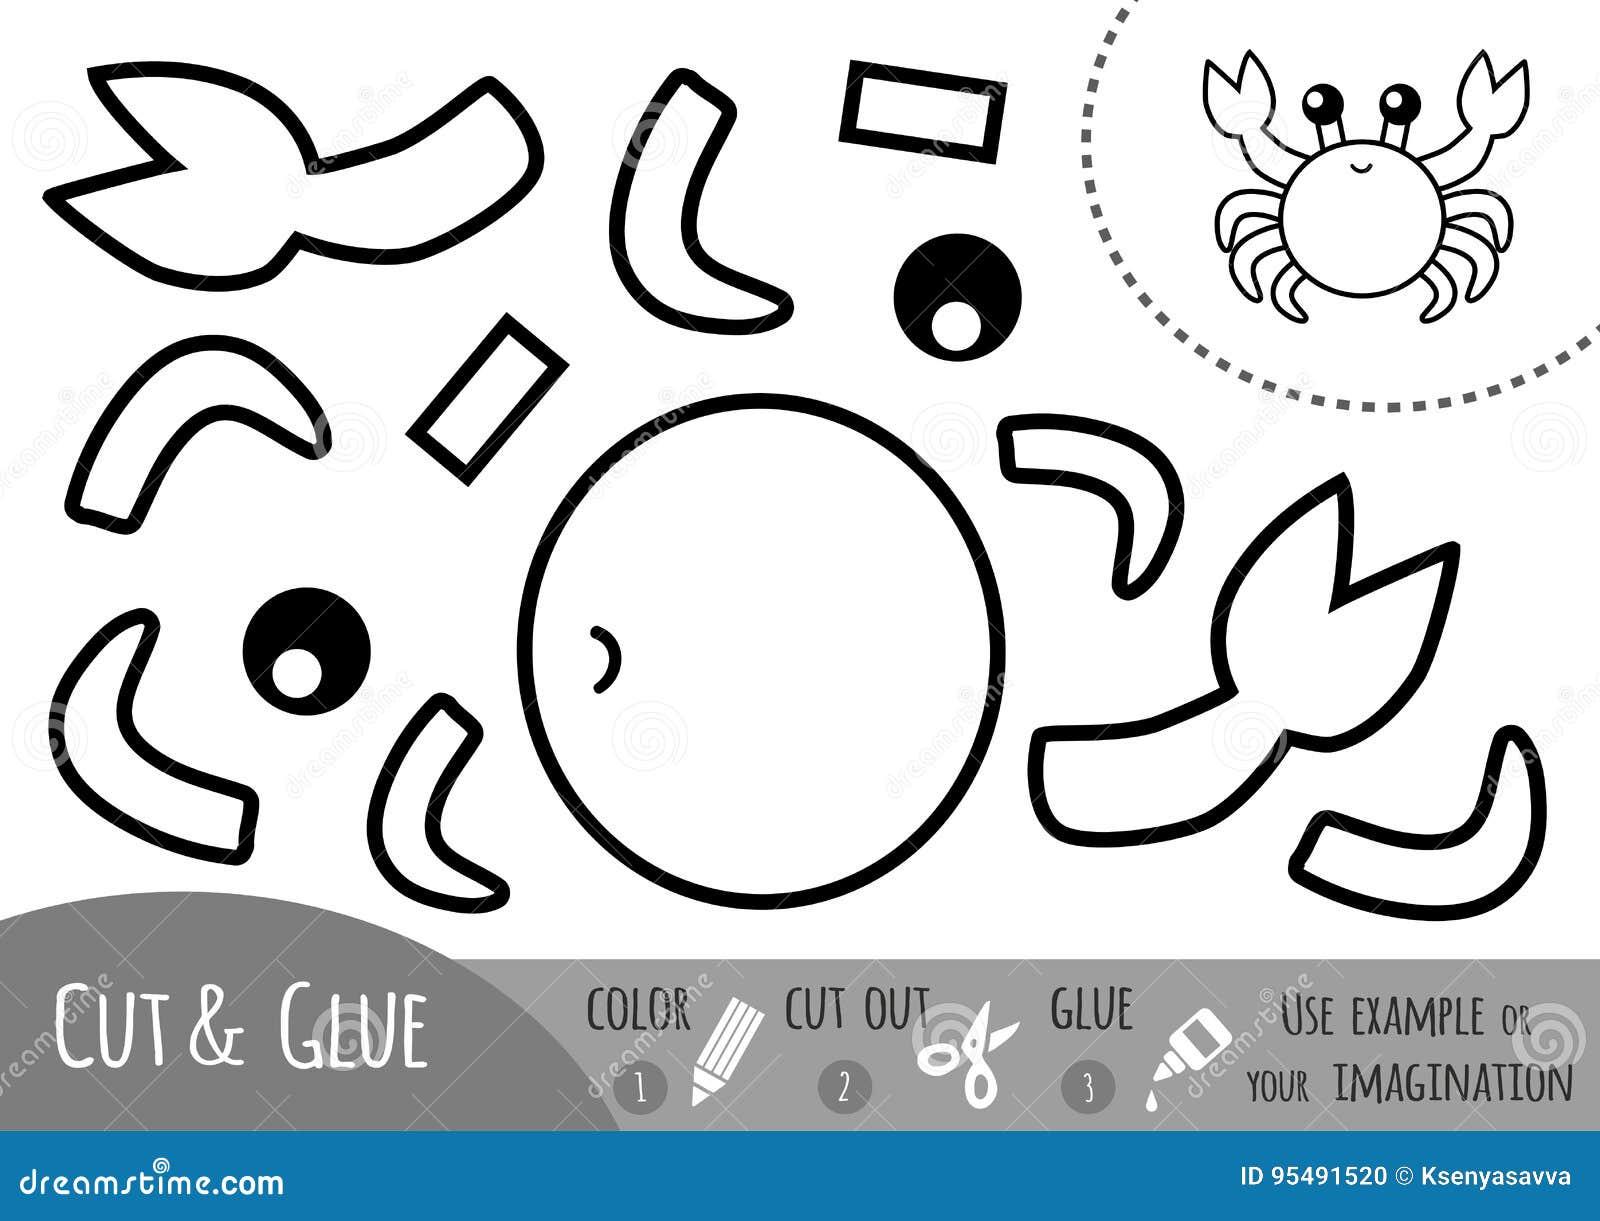 Juego De Papel Para Los Ninos Cangrejo De La Educacion Ilustracion